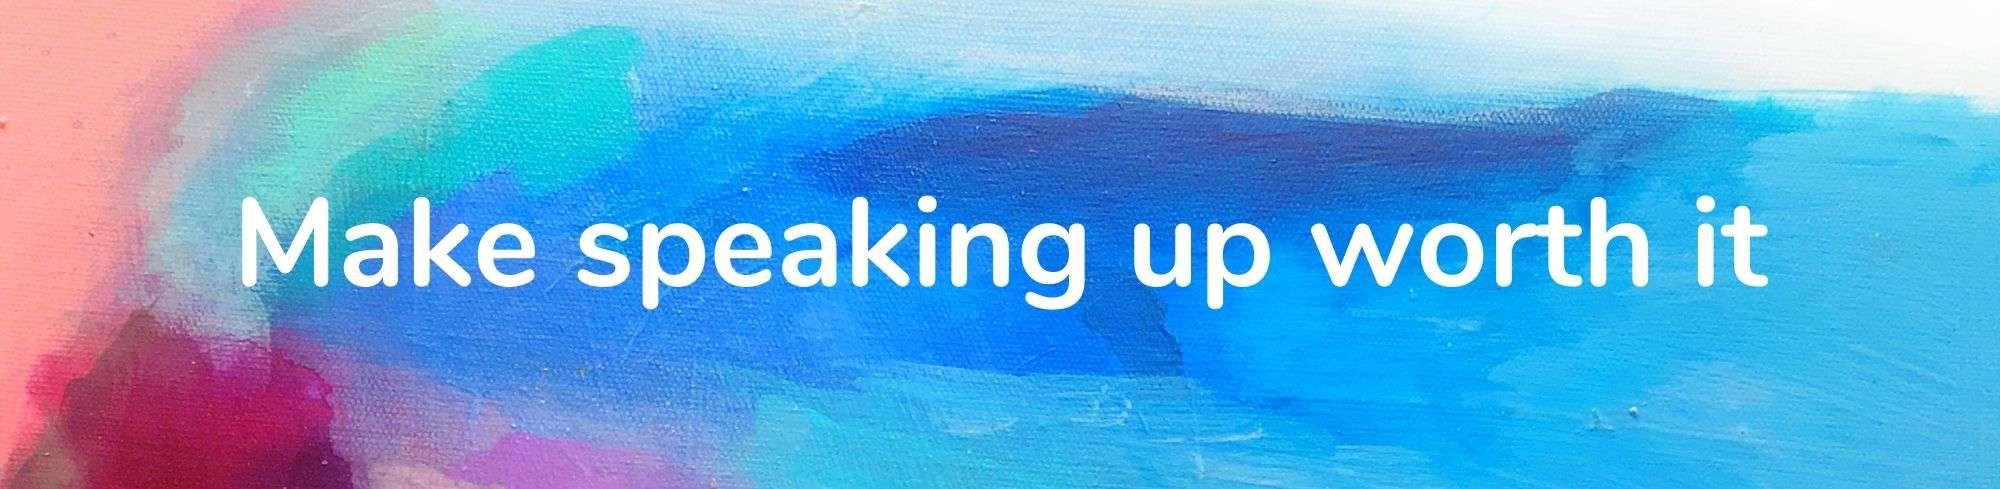 Make speaking up worth it